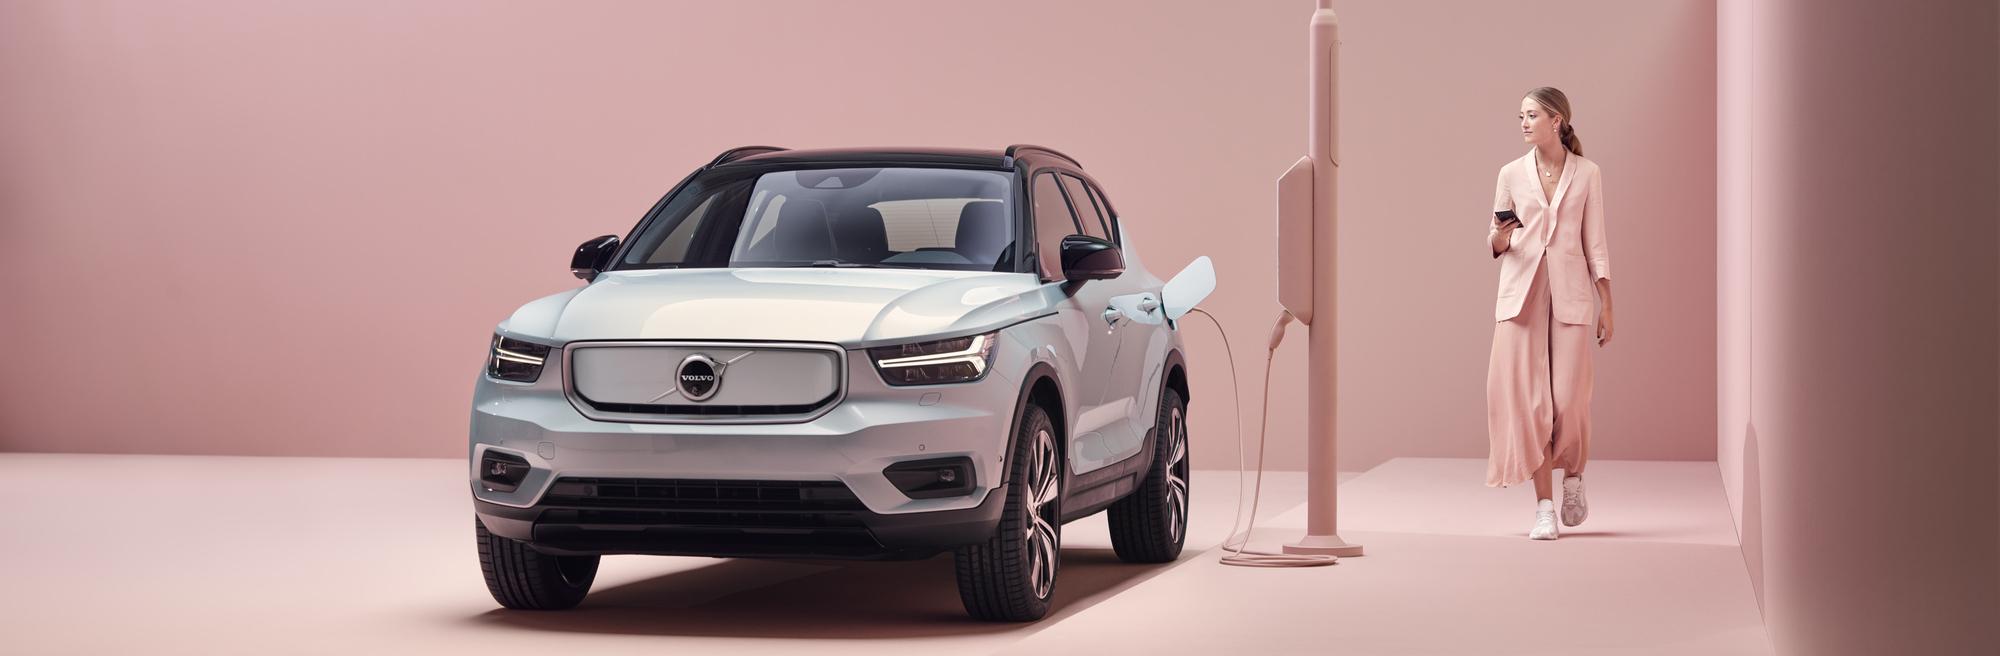 Nouveauté: Volvo XC40 Recharge 100% électrique